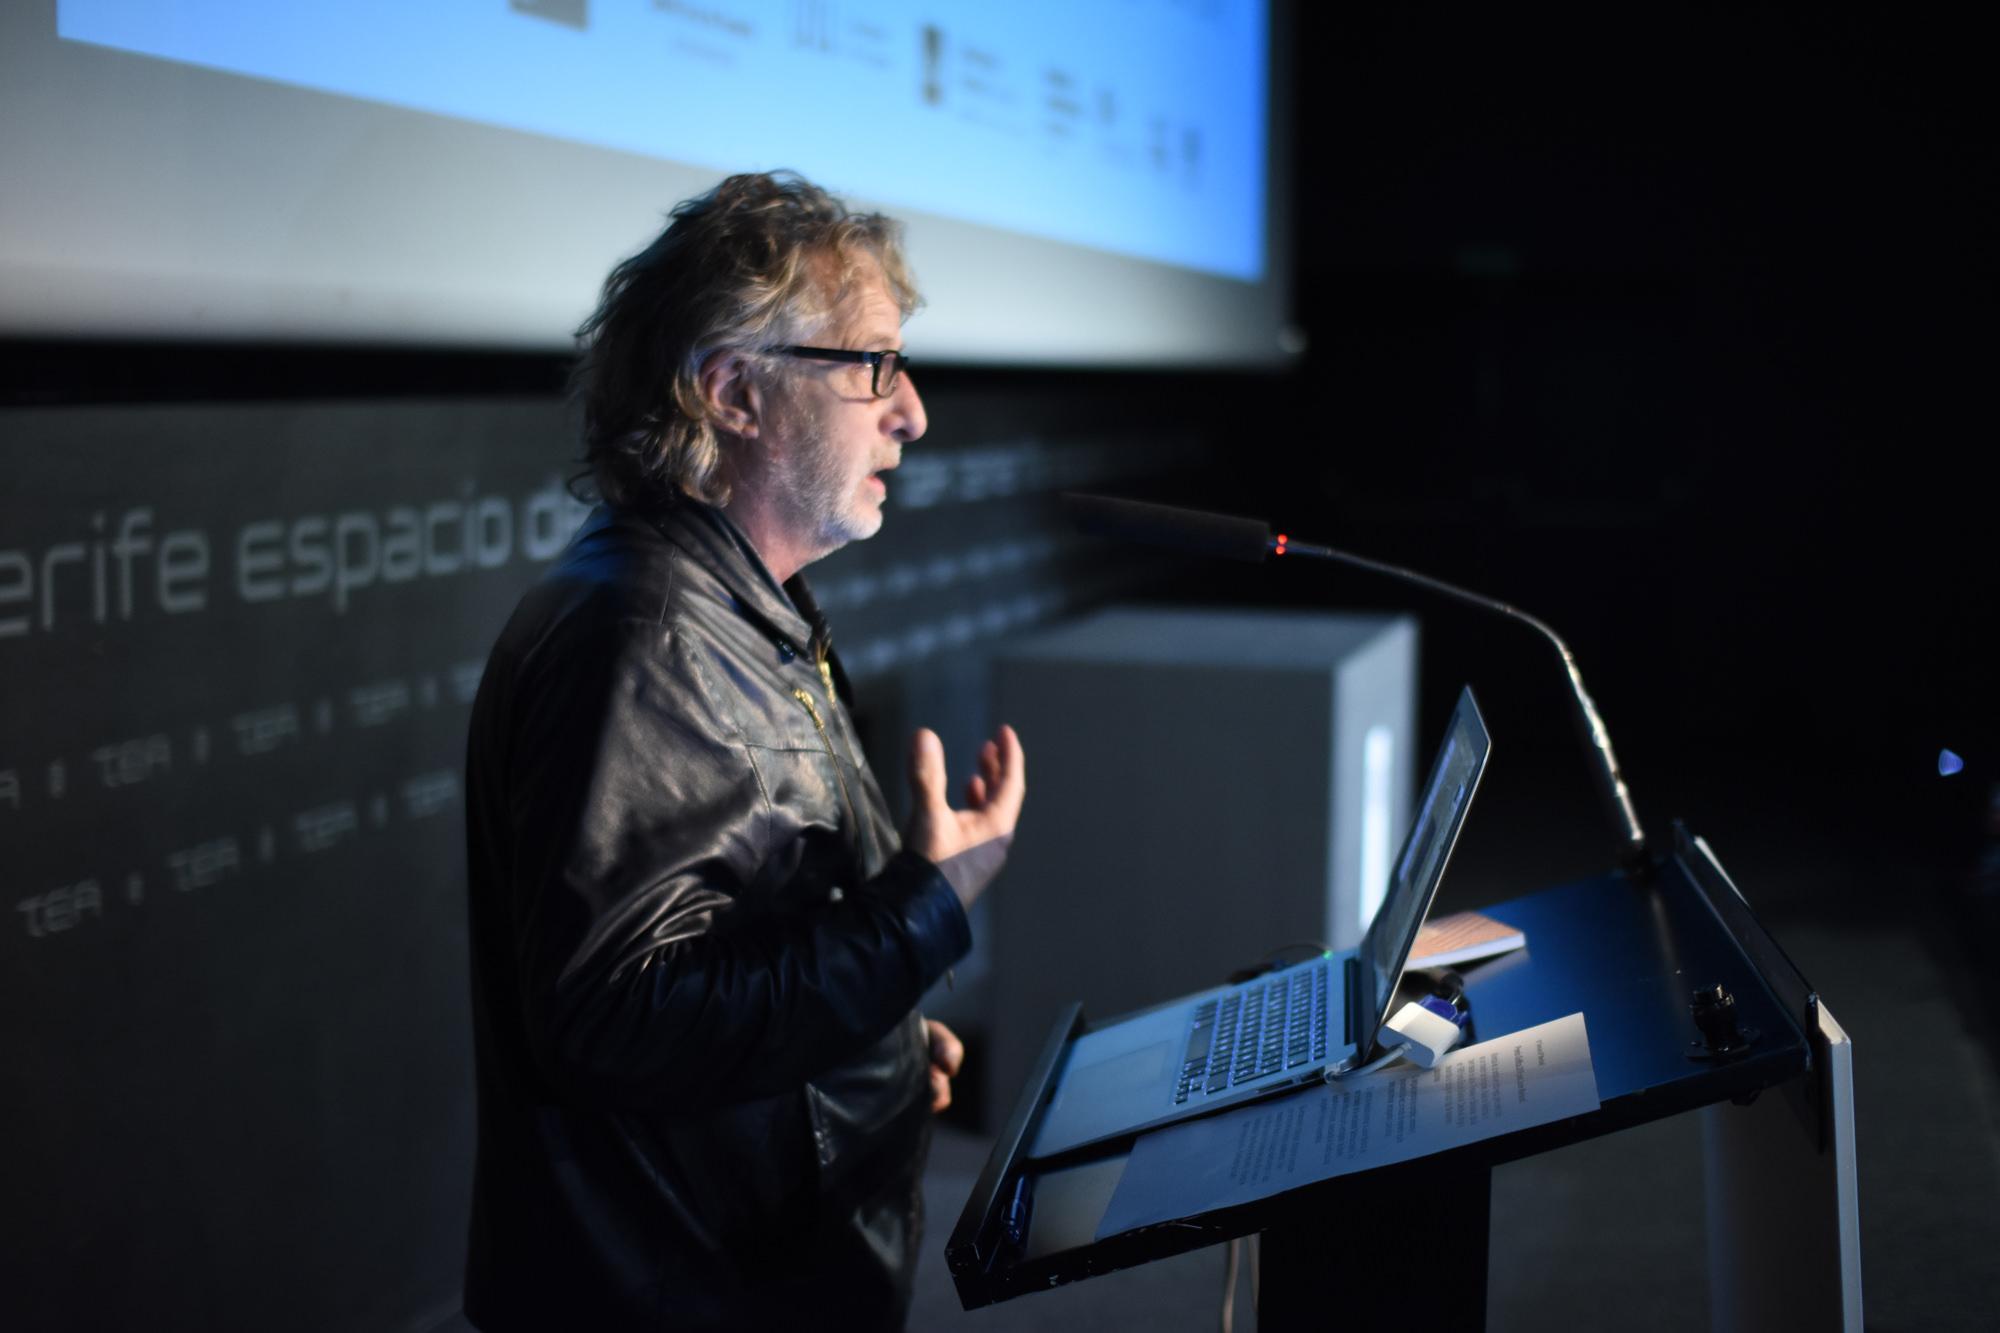 Javier Mariscal en los Premios Gràffica 2016